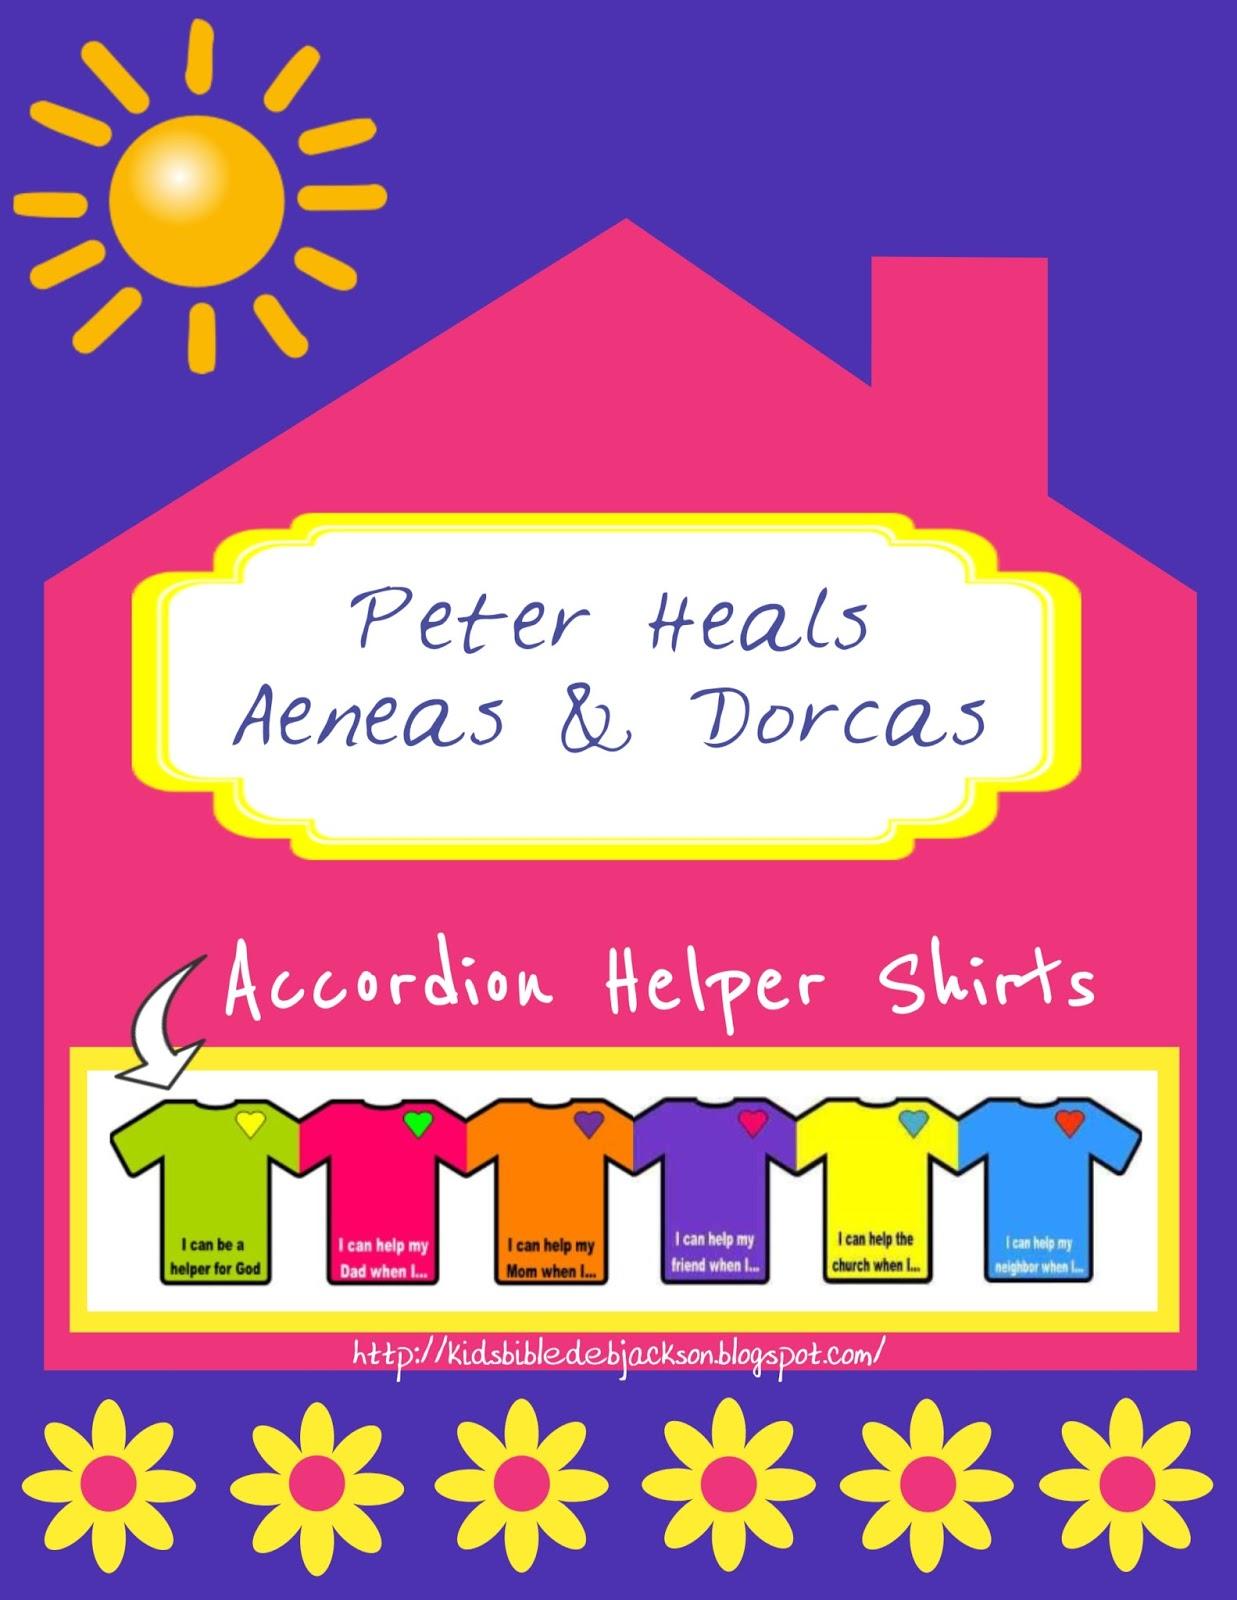 http://www.biblefunforkids.com/2014/12/peter-heals-aeneas-dorcas.html